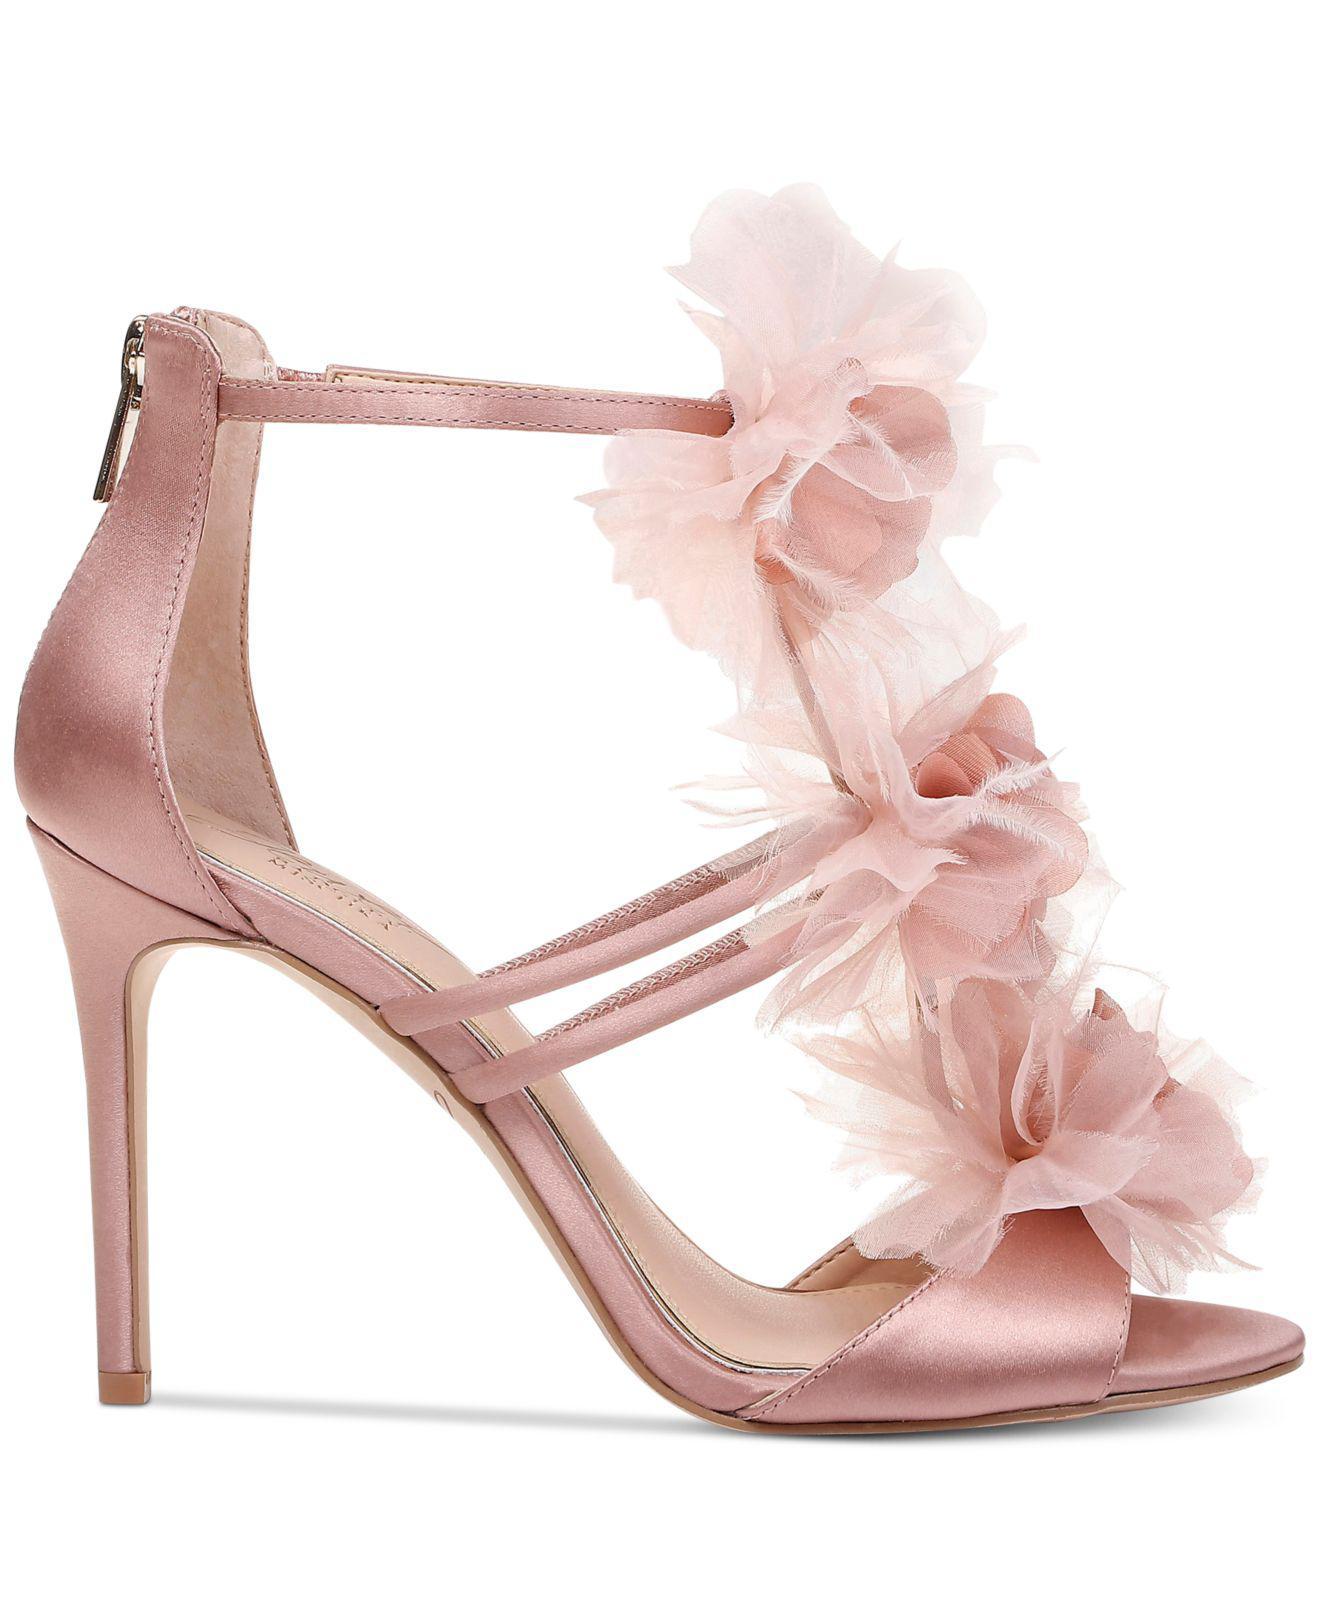 Lyst - Badgley Mischka Dustine Evening Sandals in Pink - Save 1%